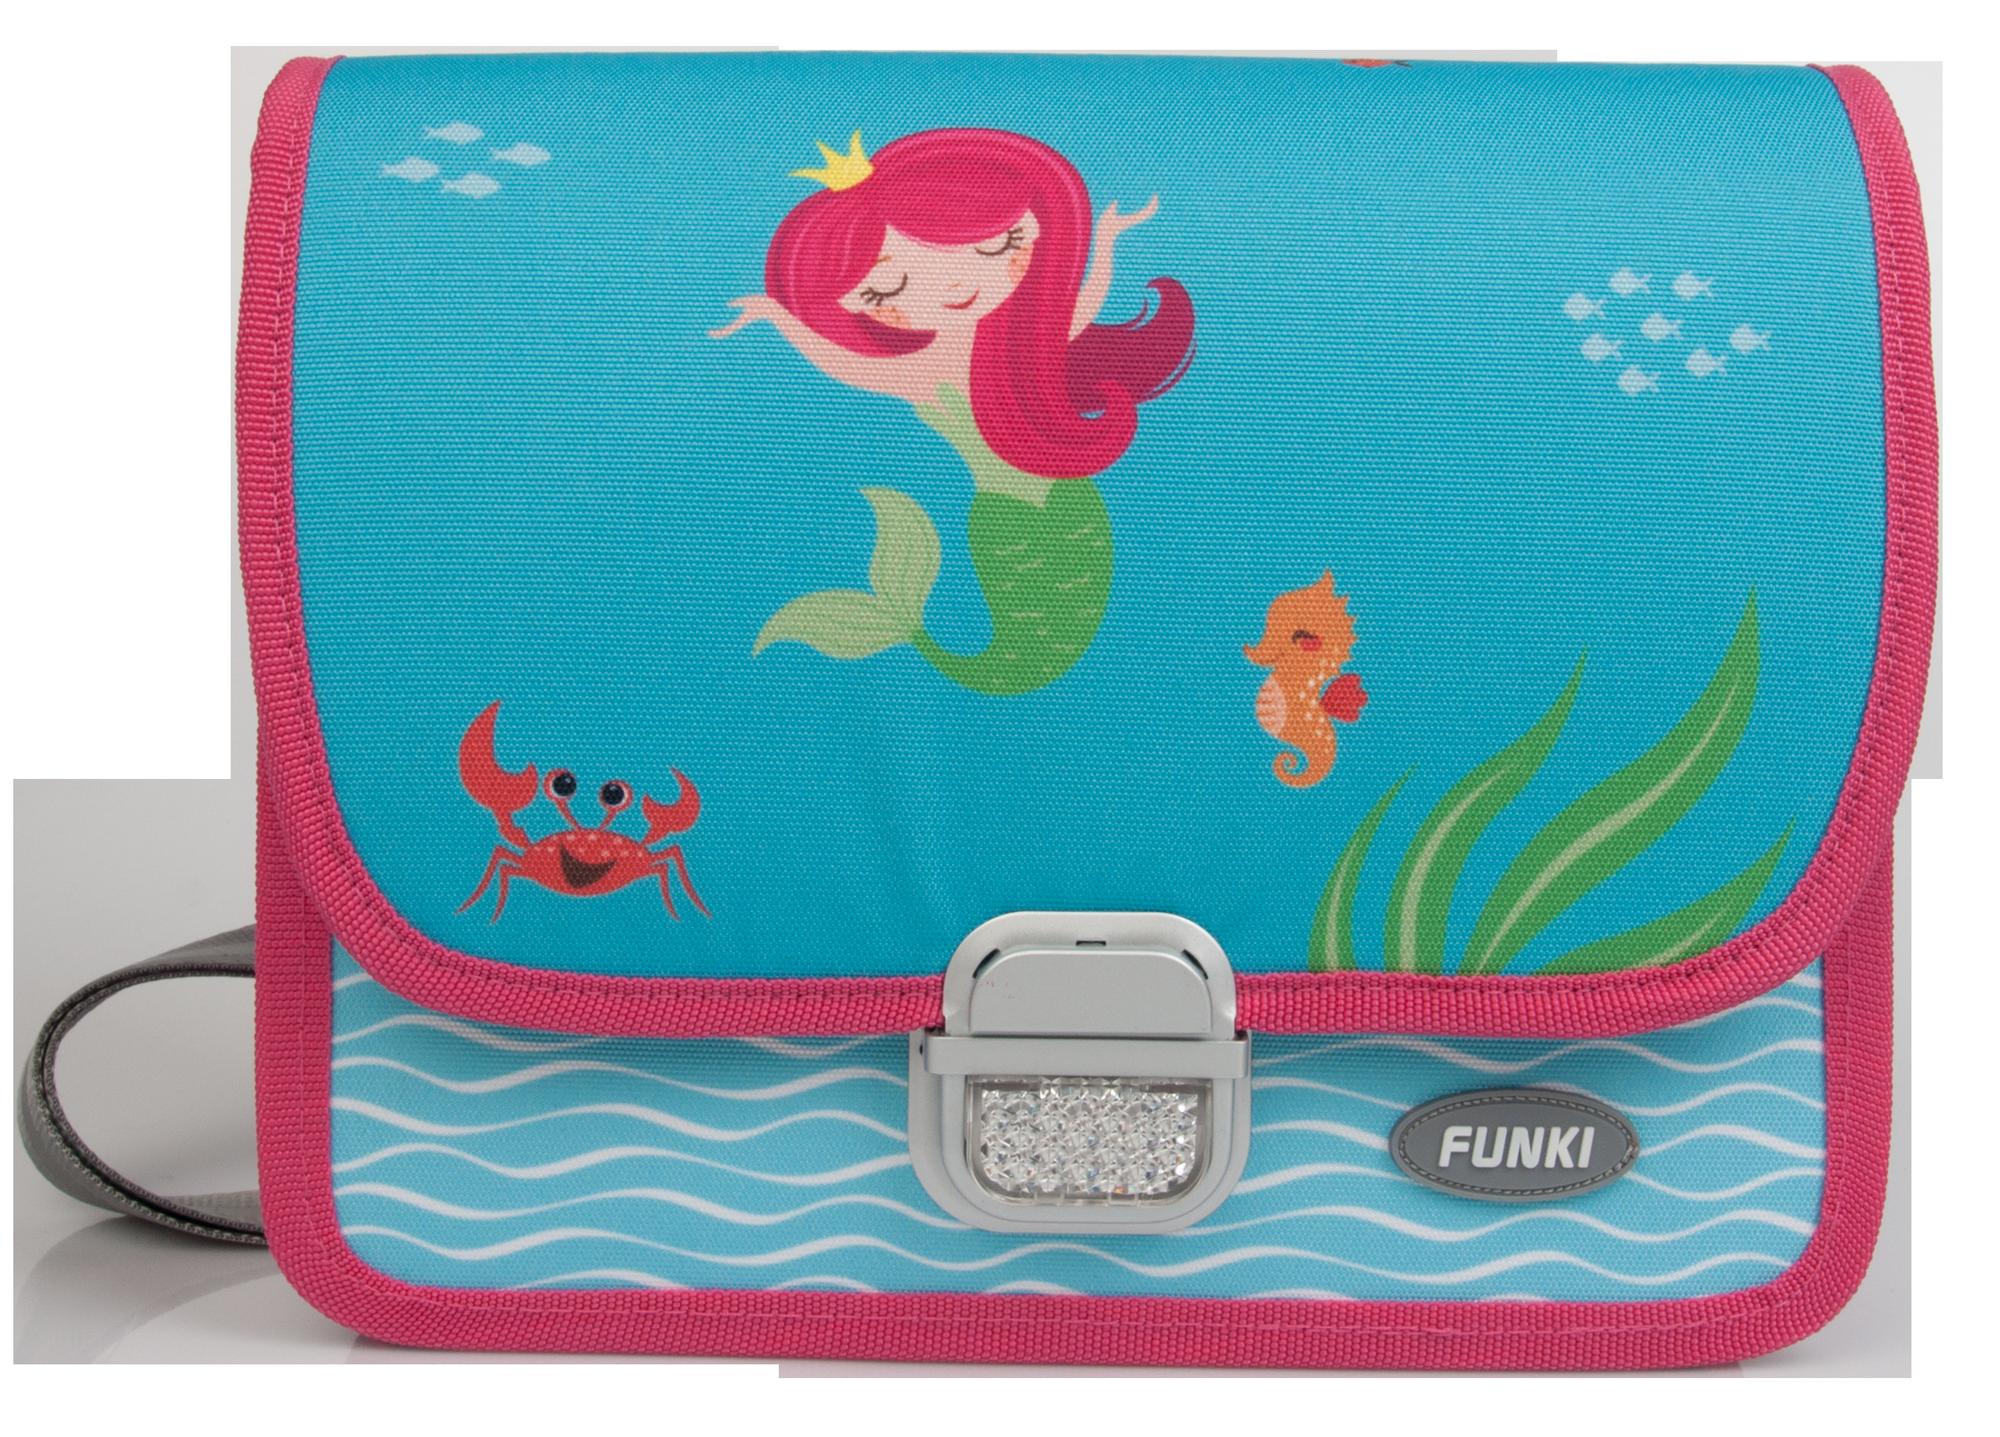 5db4b03f9b79d Kindergartentasche Meerjungfrau von FUNKI bei KIDISWORLD kaufen ...